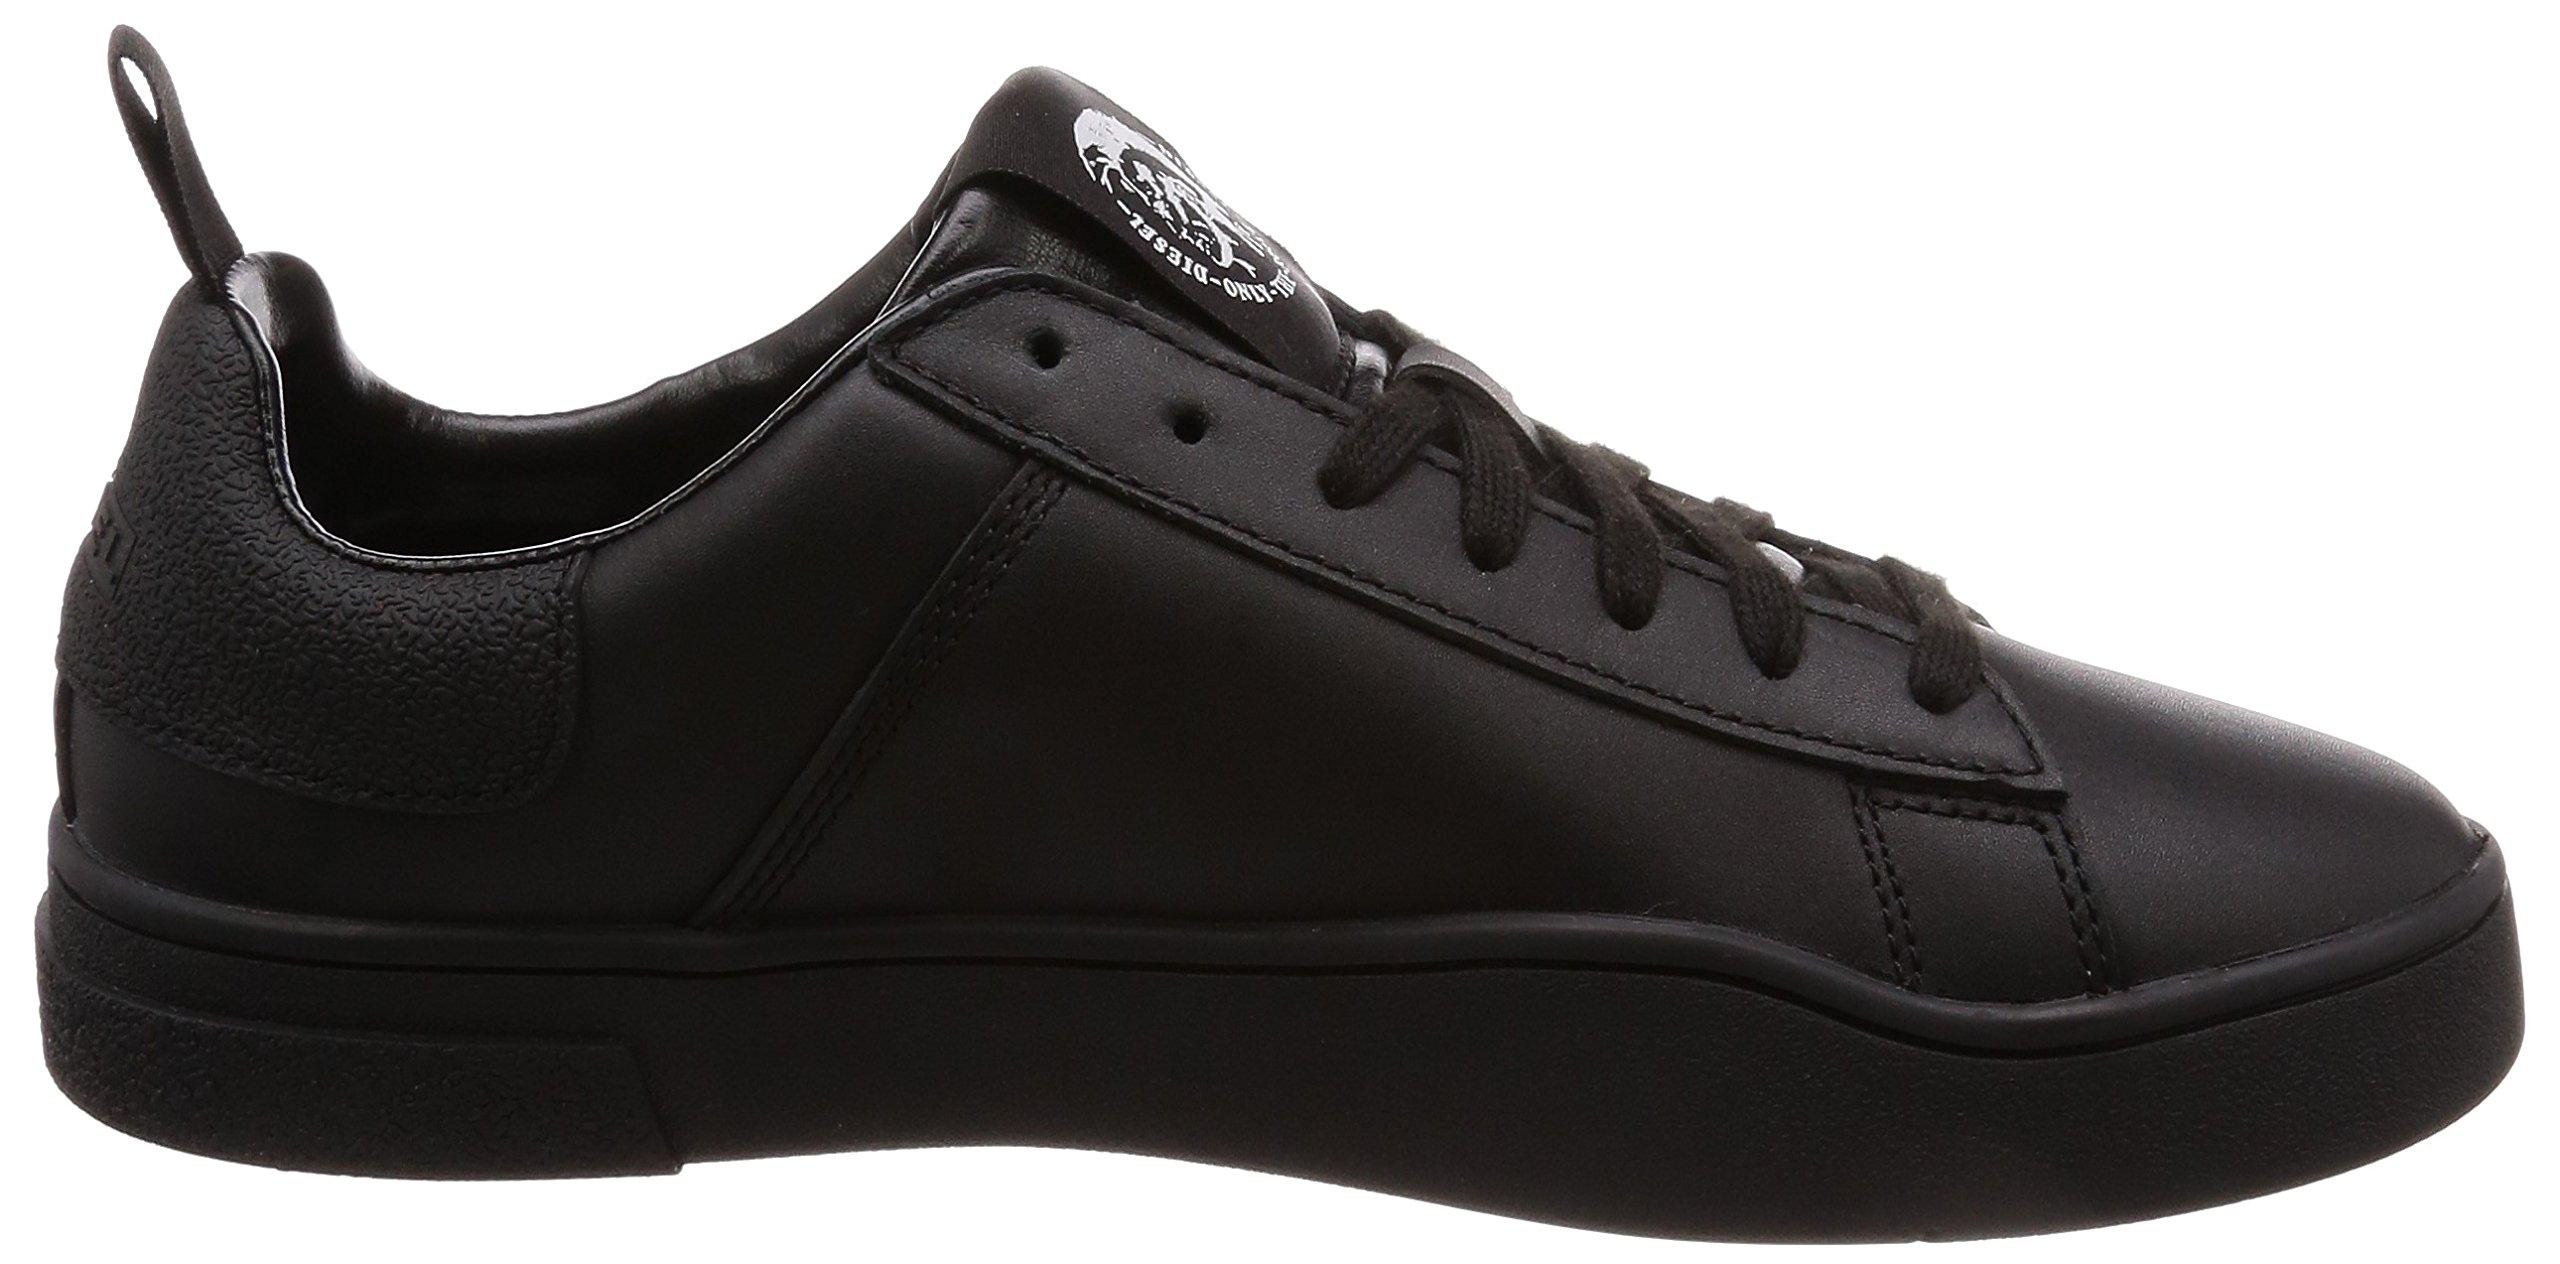 Diesel Men's S-Clever Low-Sneakers Black, 8 M US by Diesel (Image #6)